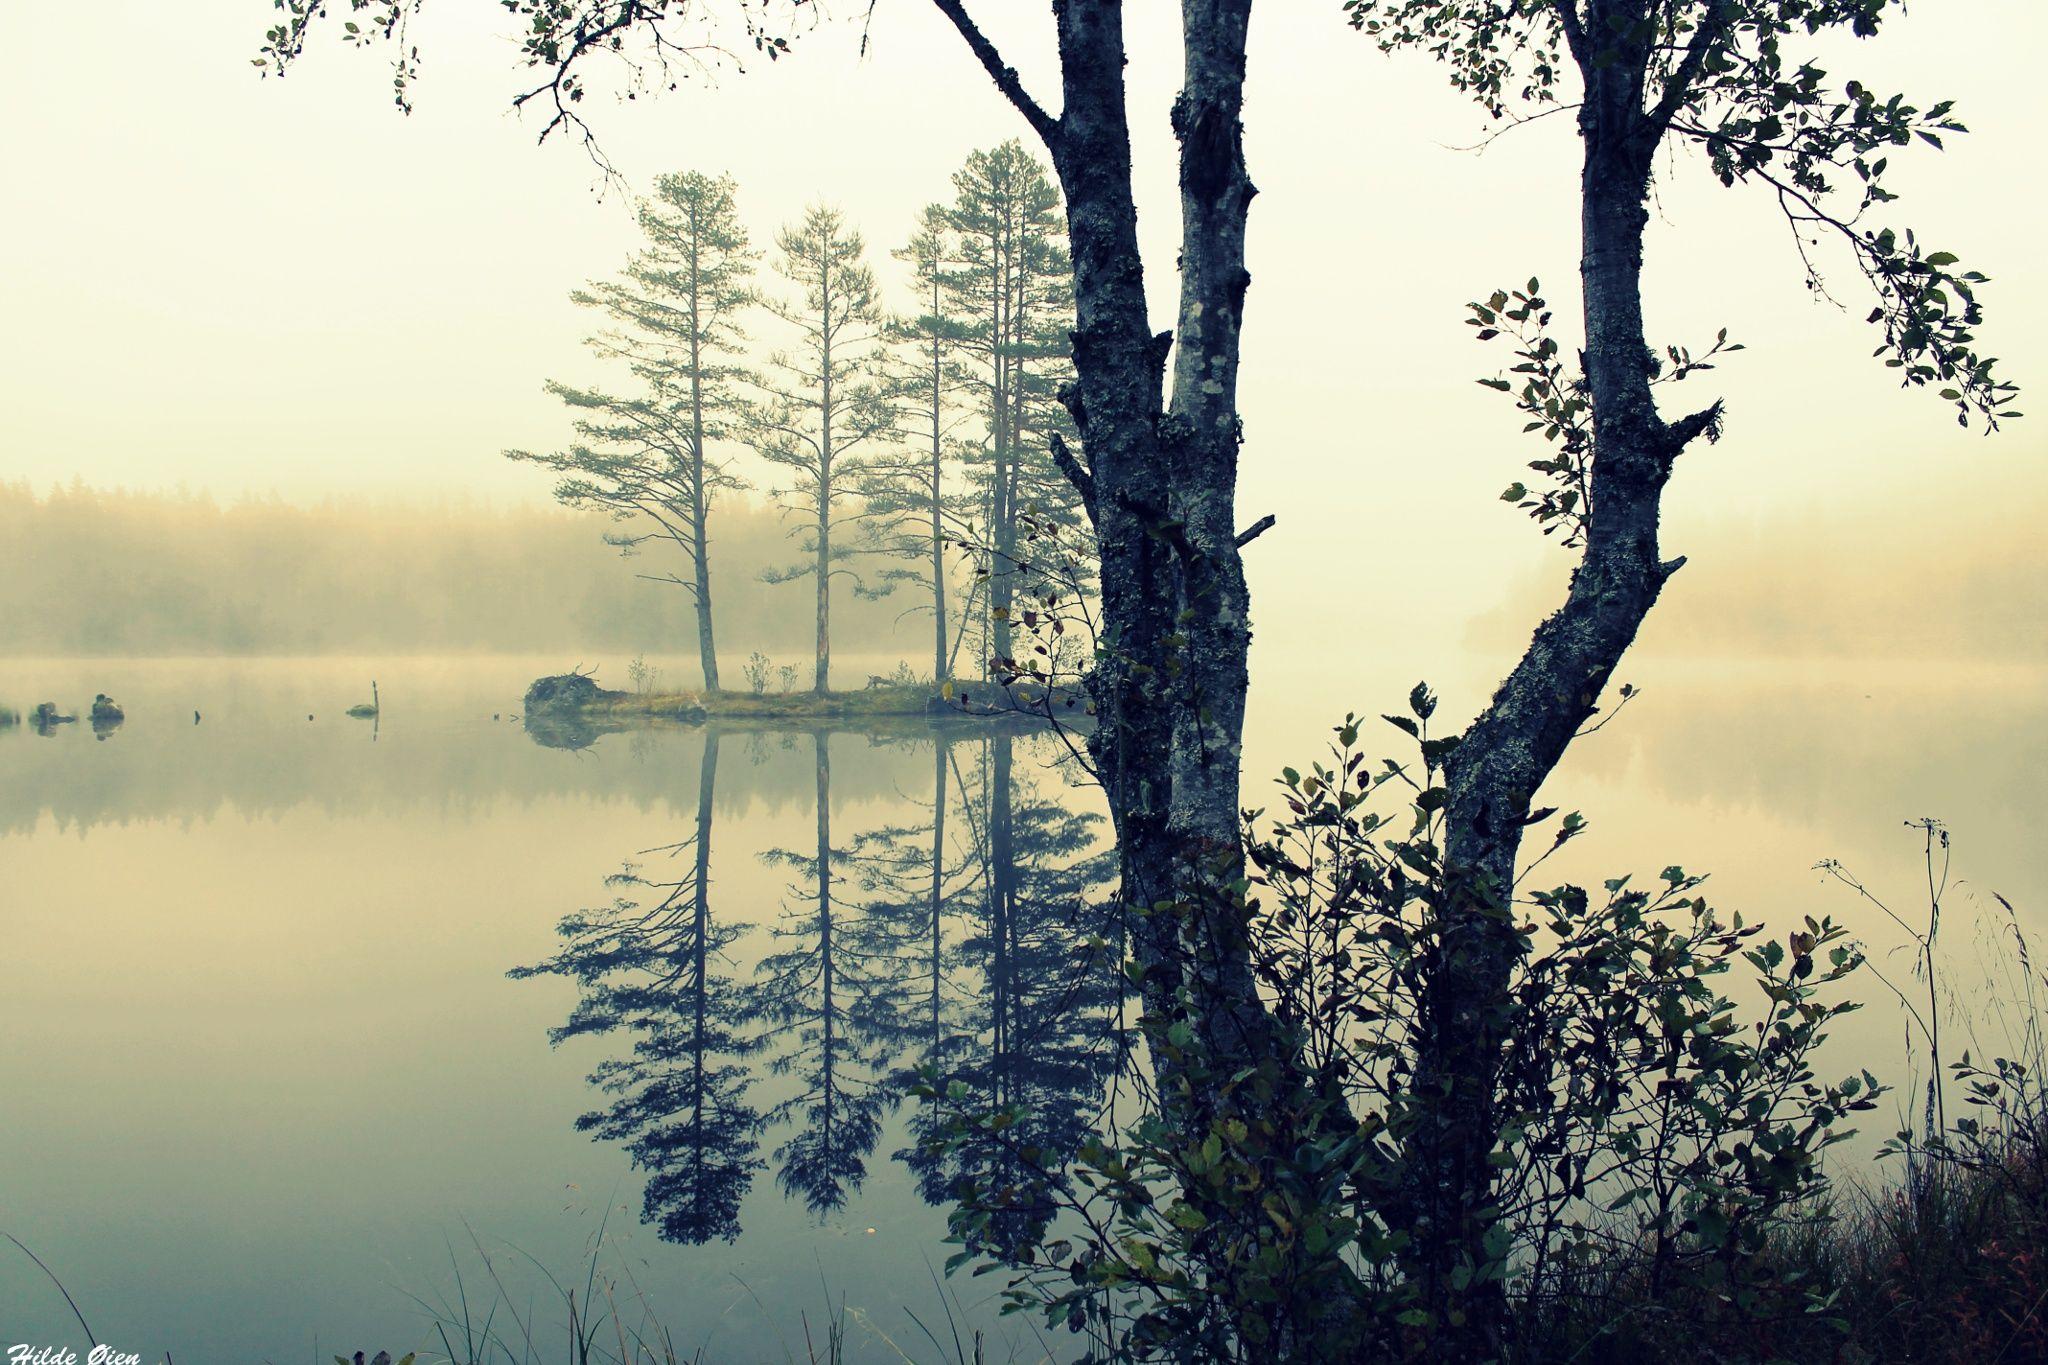 Fog by Hilde Øien on 500px